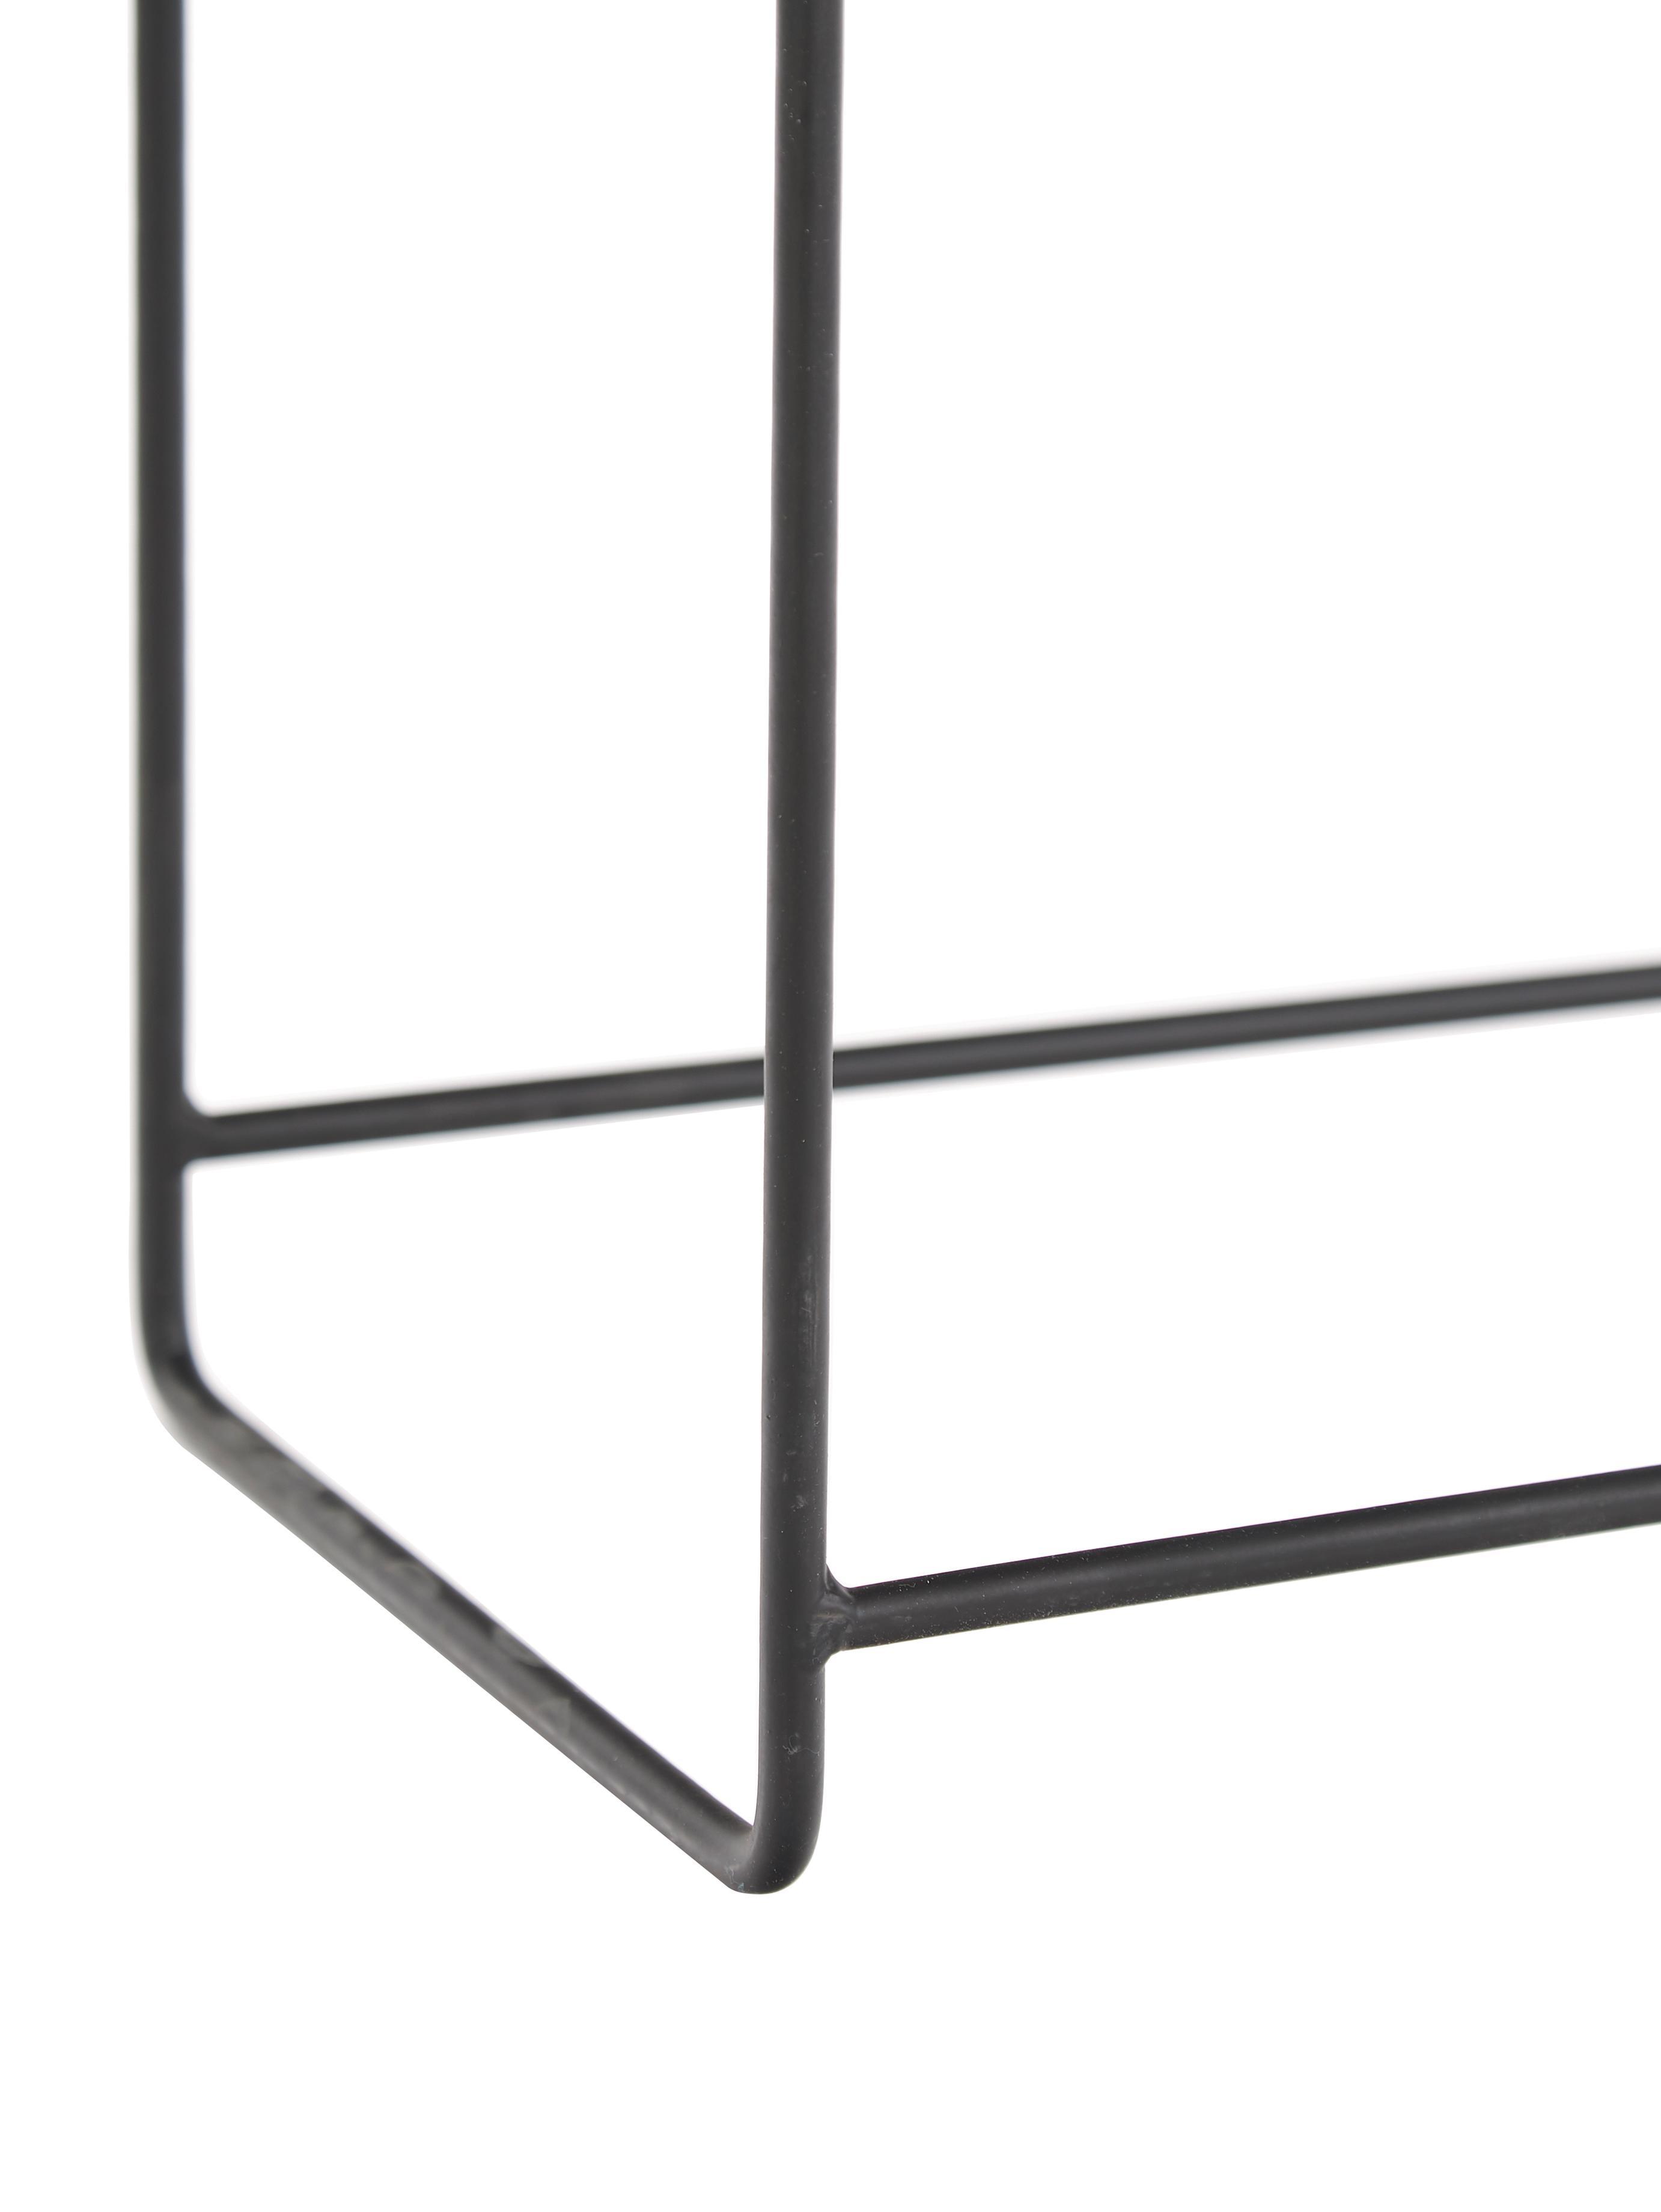 XL Übertopf Flina aus Metall, Metall, beschichtet, Schwarz, 51 x 65 cm